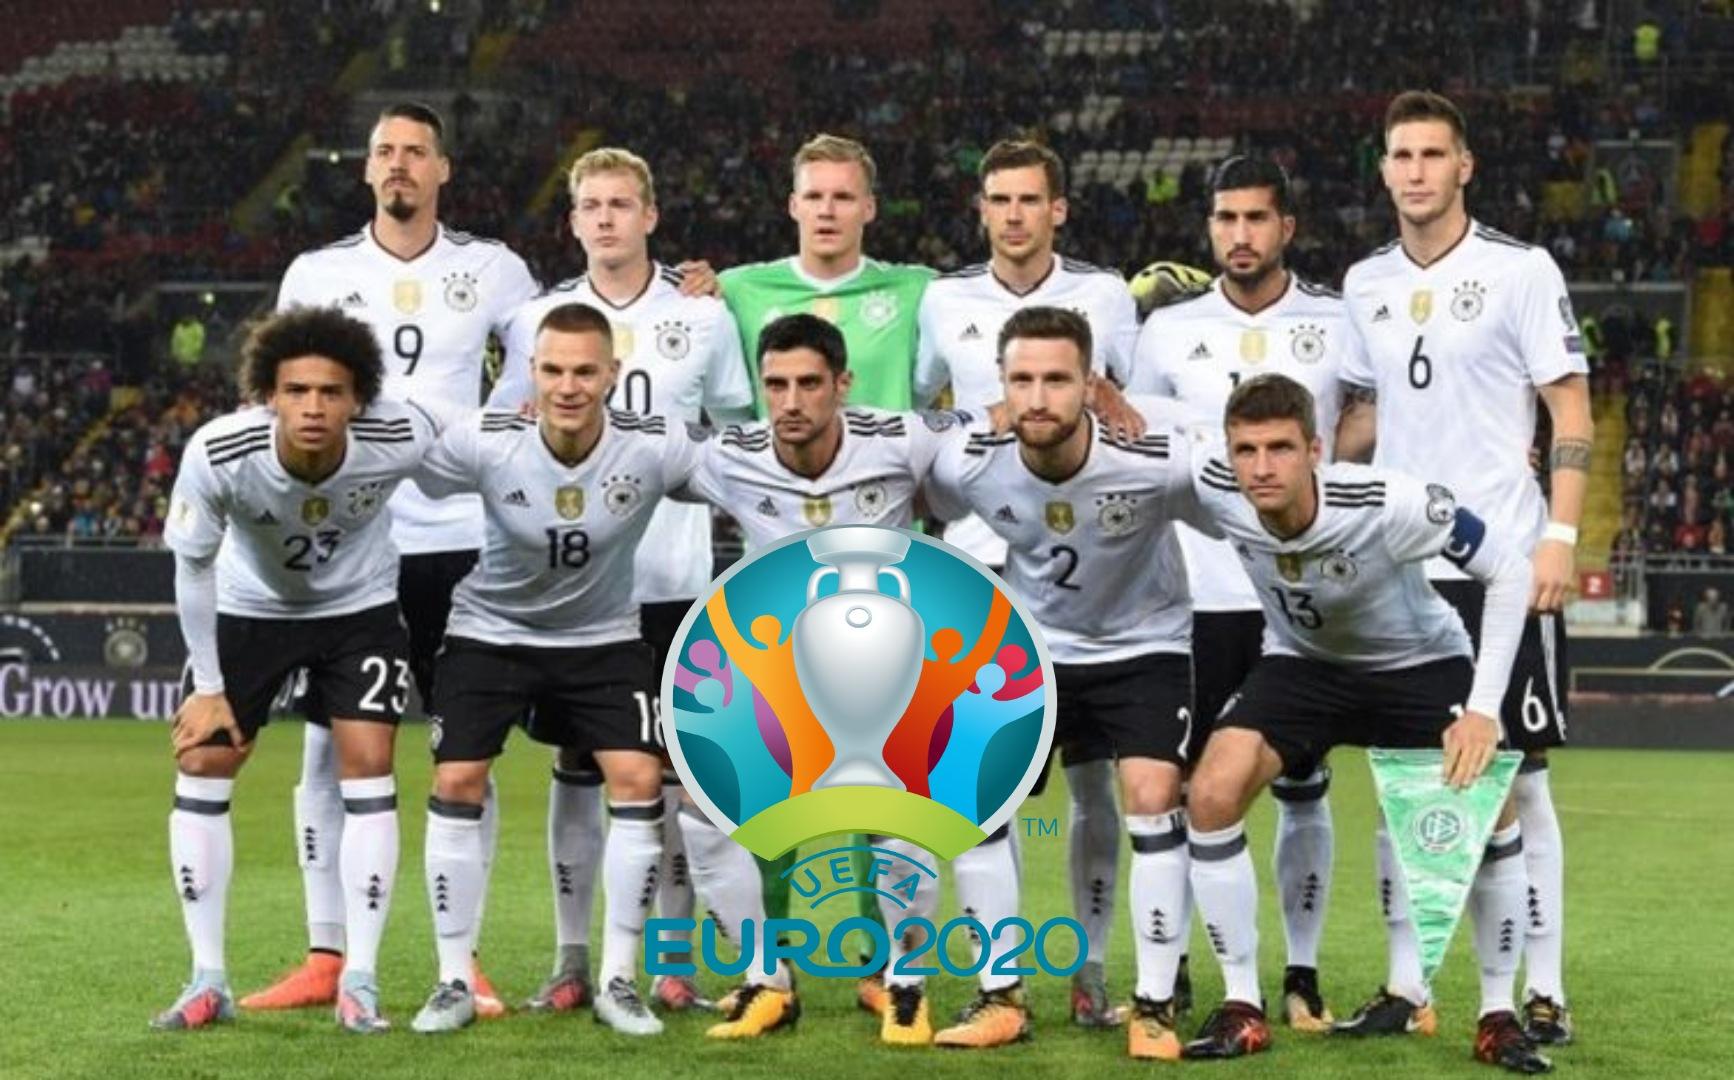 Senarai Rasmi Pemain Jerman EURO 2020